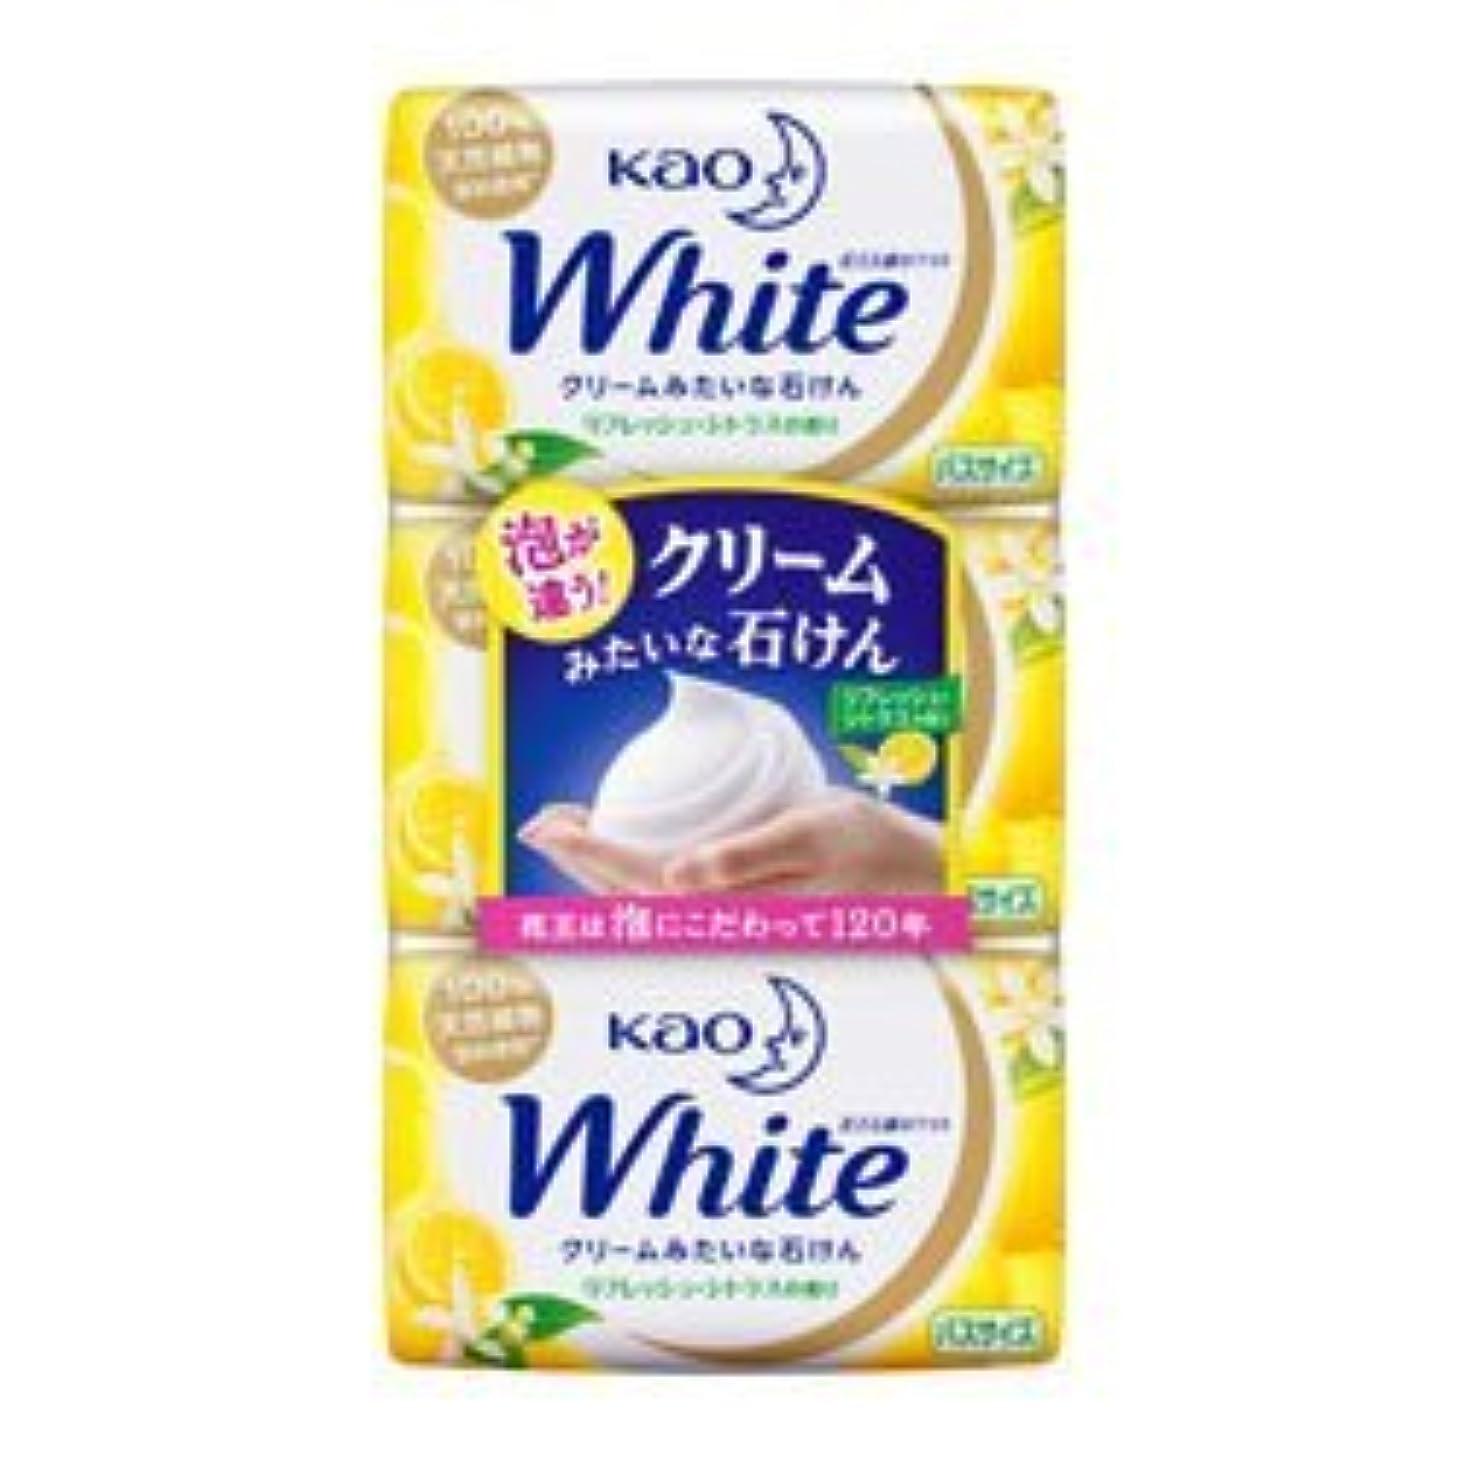 シャンパン酸再発する【花王】ホワイト リフレッシュ?シトラスの香り バスサイズ 130g×3個入 ×3個セット